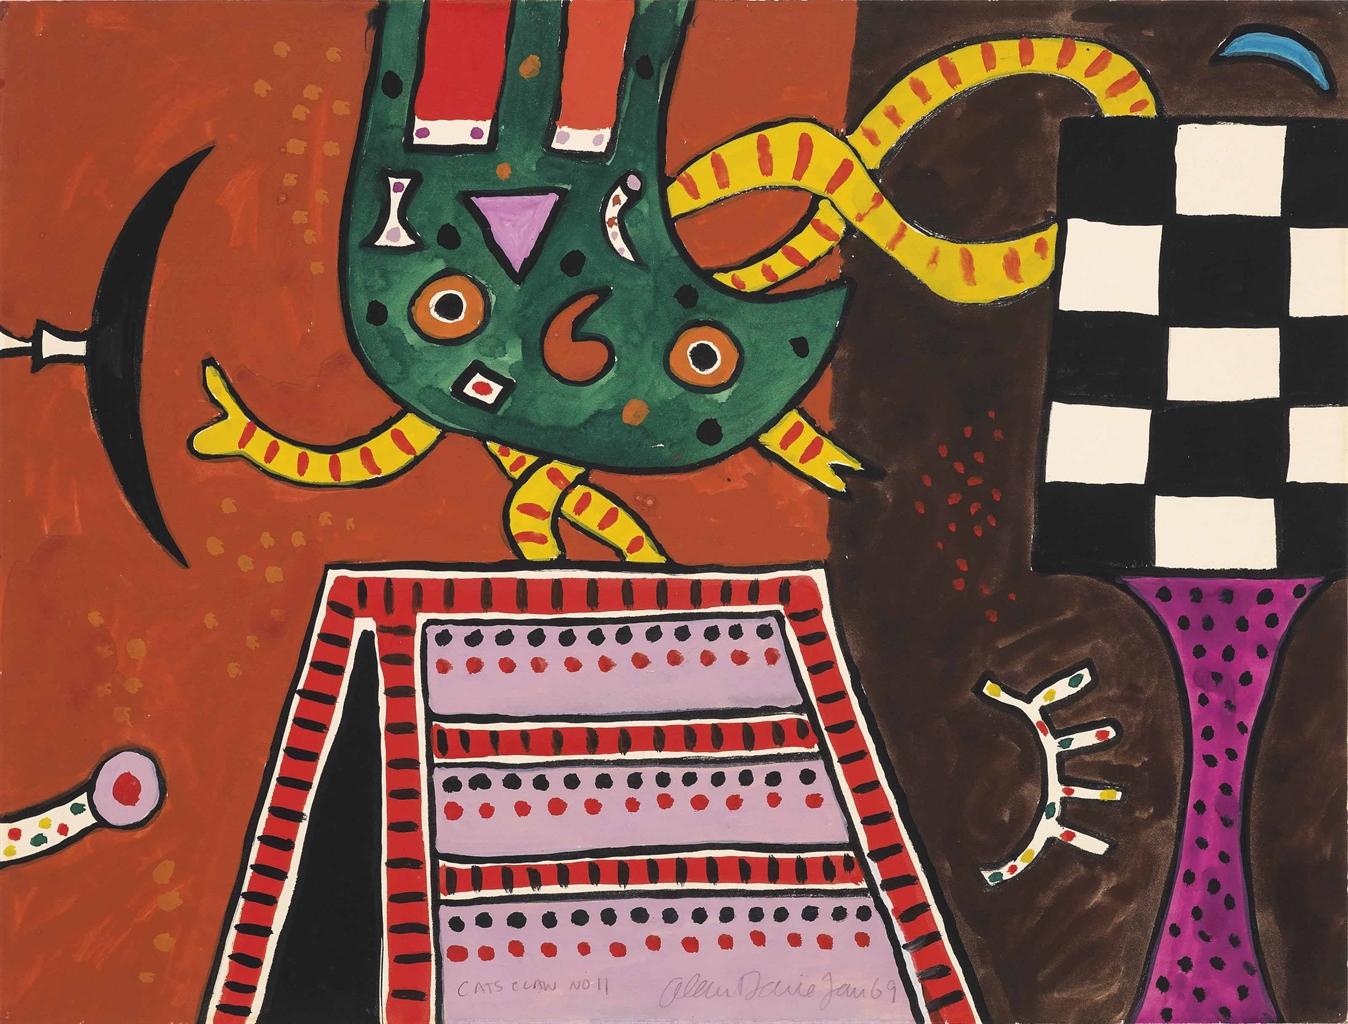 Alan Davie-Cat's Claw no. 11-1969